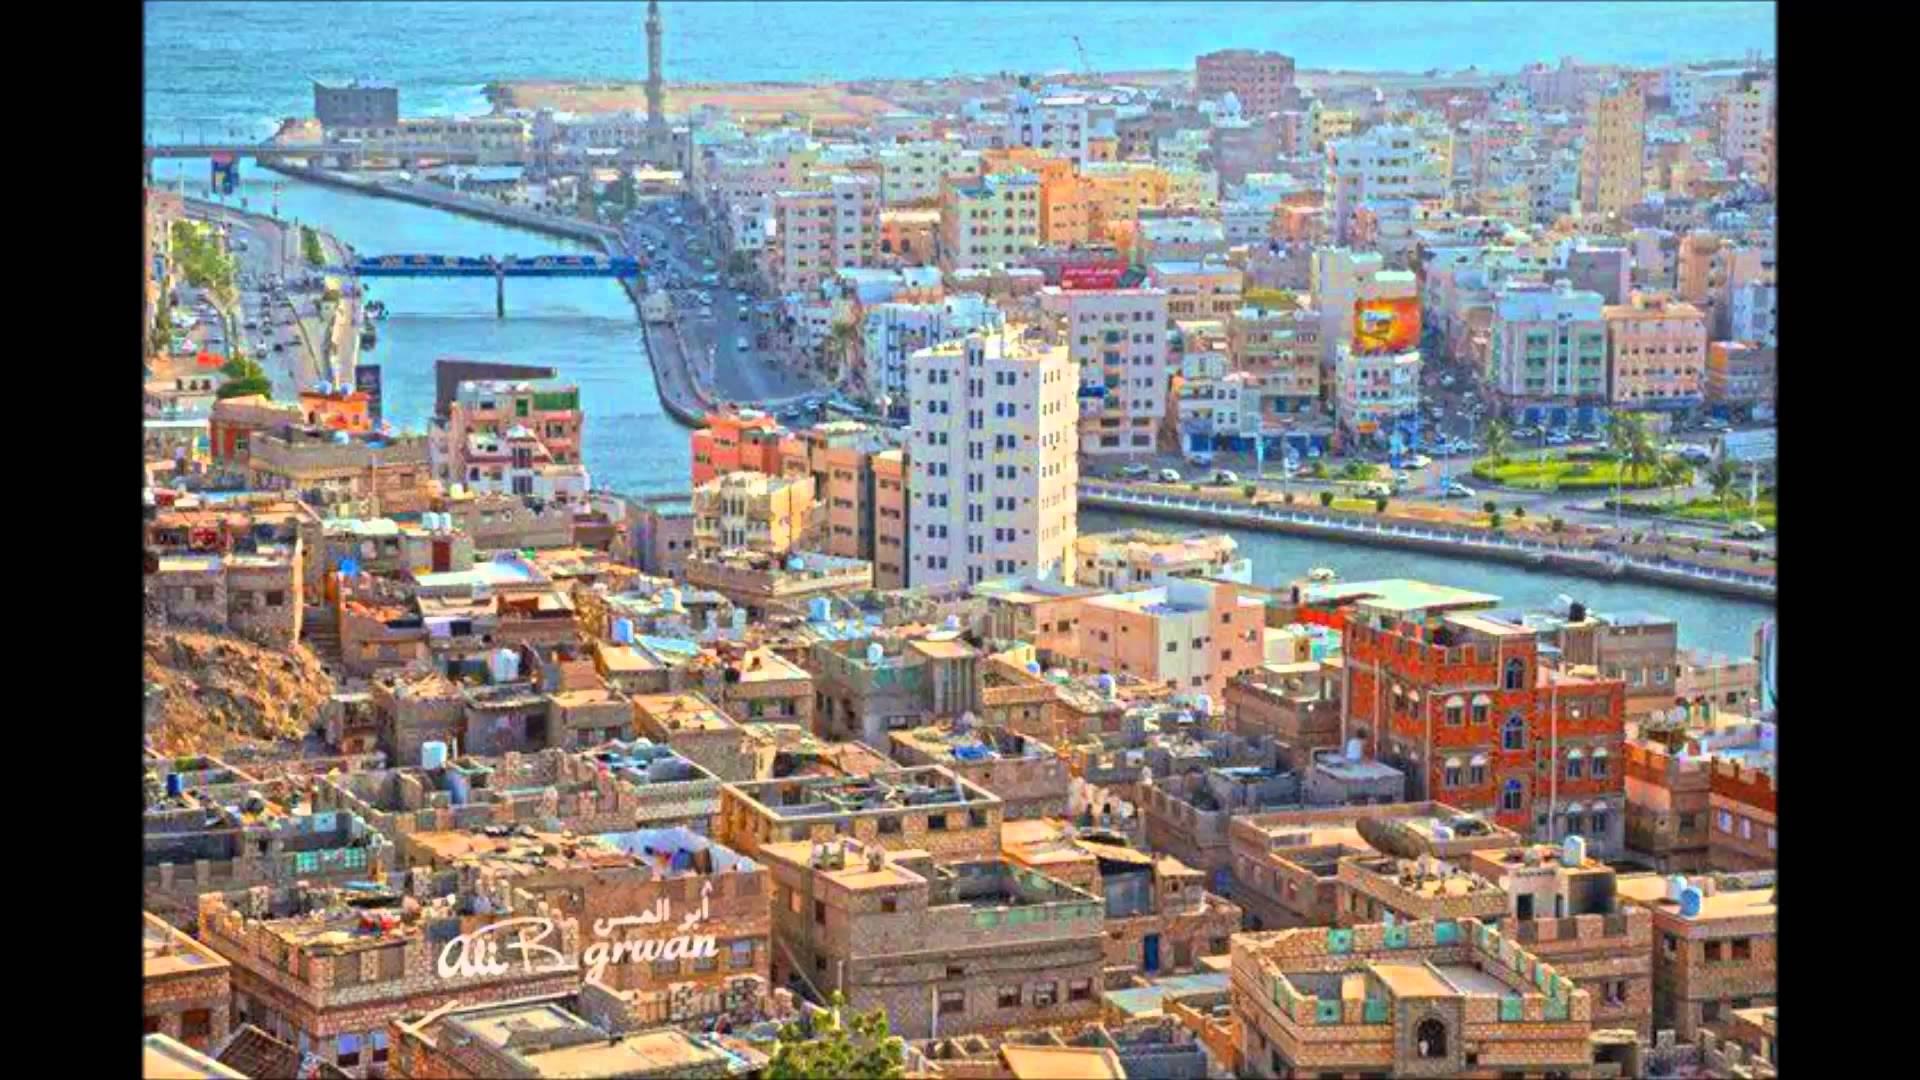 بالصور صور من اليمن , اجمل معالم دولة اليمن 4801